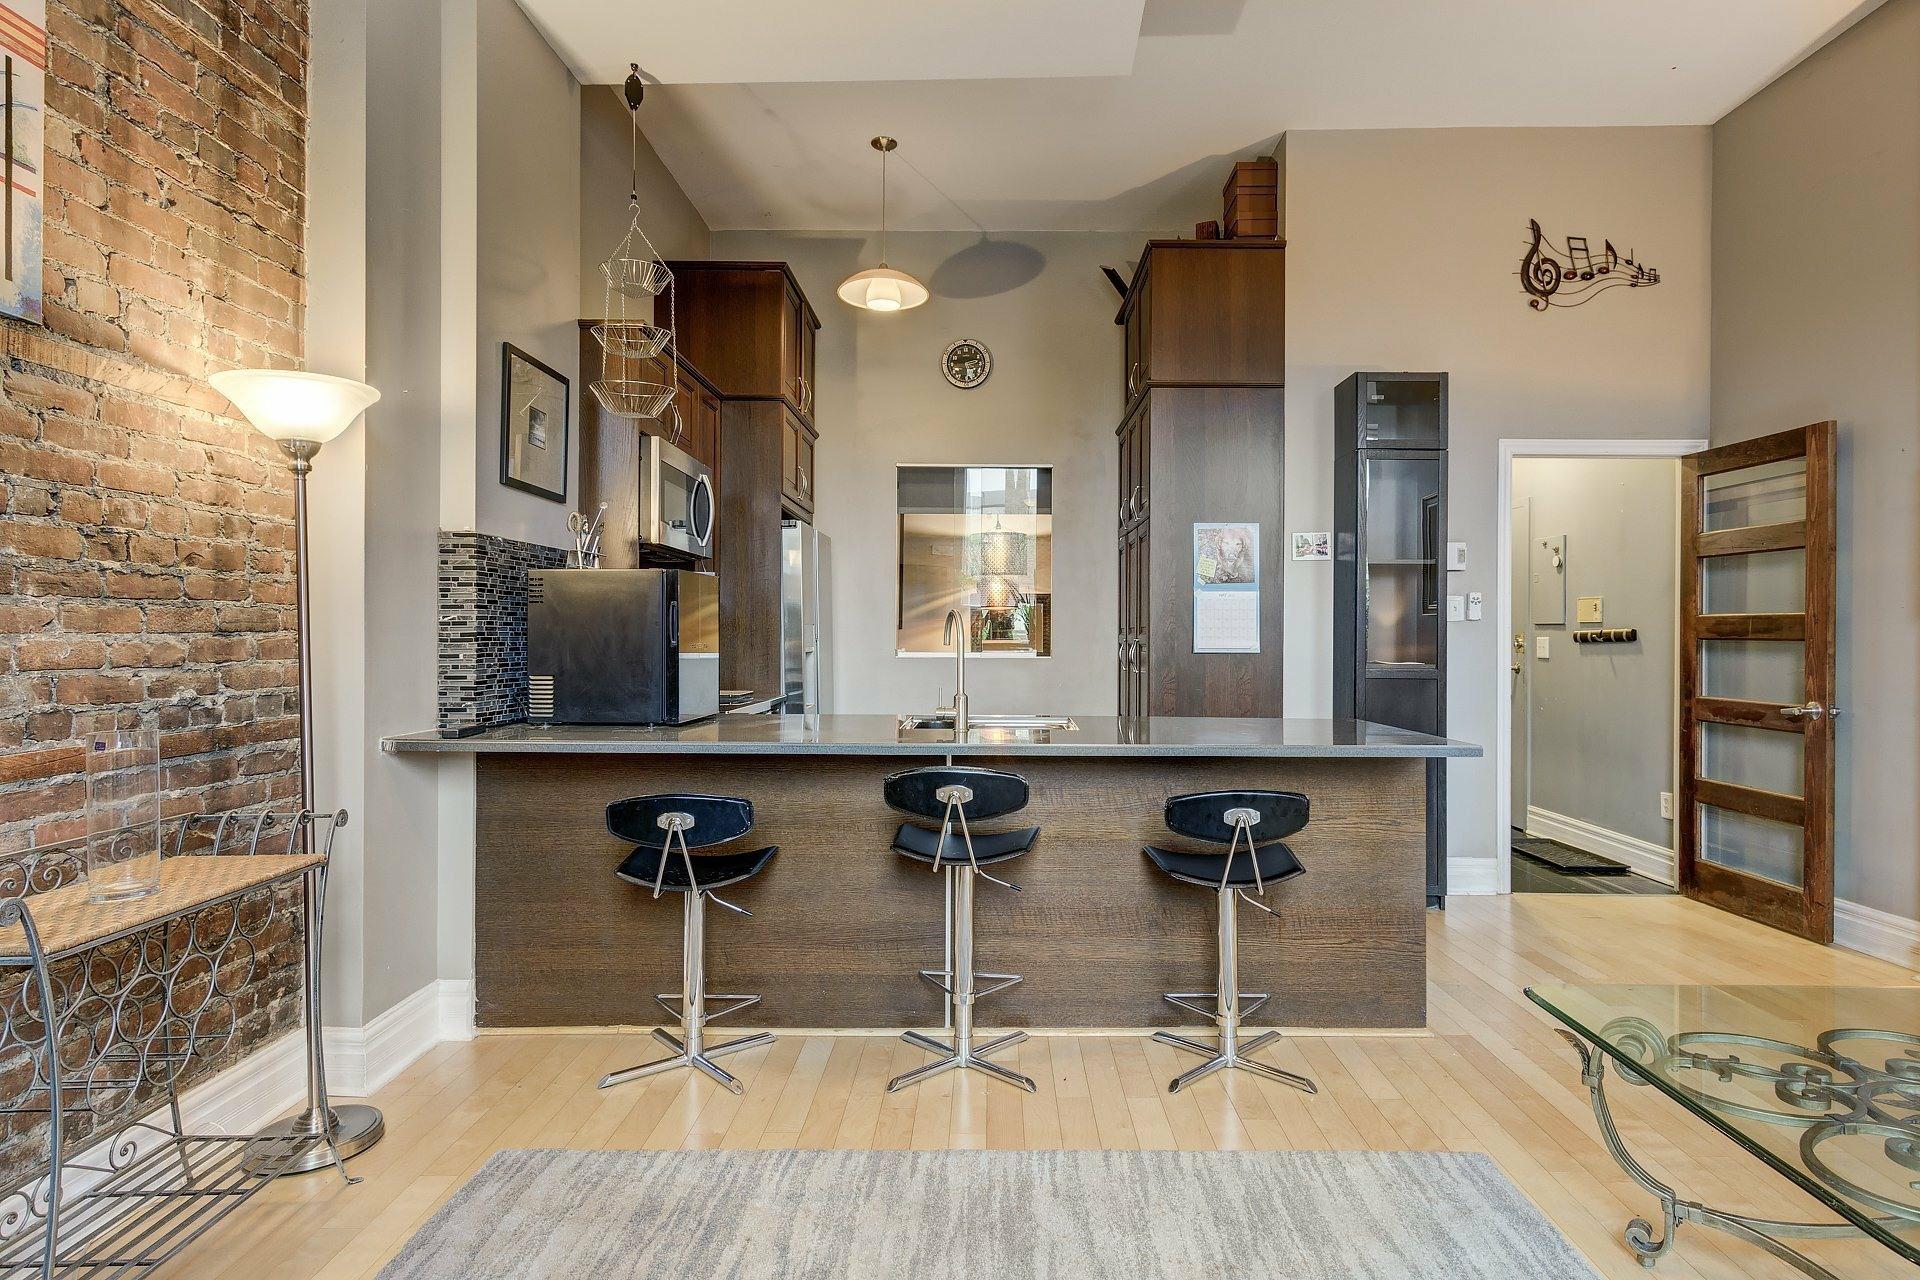 image 5 - Appartement À vendre Le Sud-Ouest Montréal  - 4 pièces